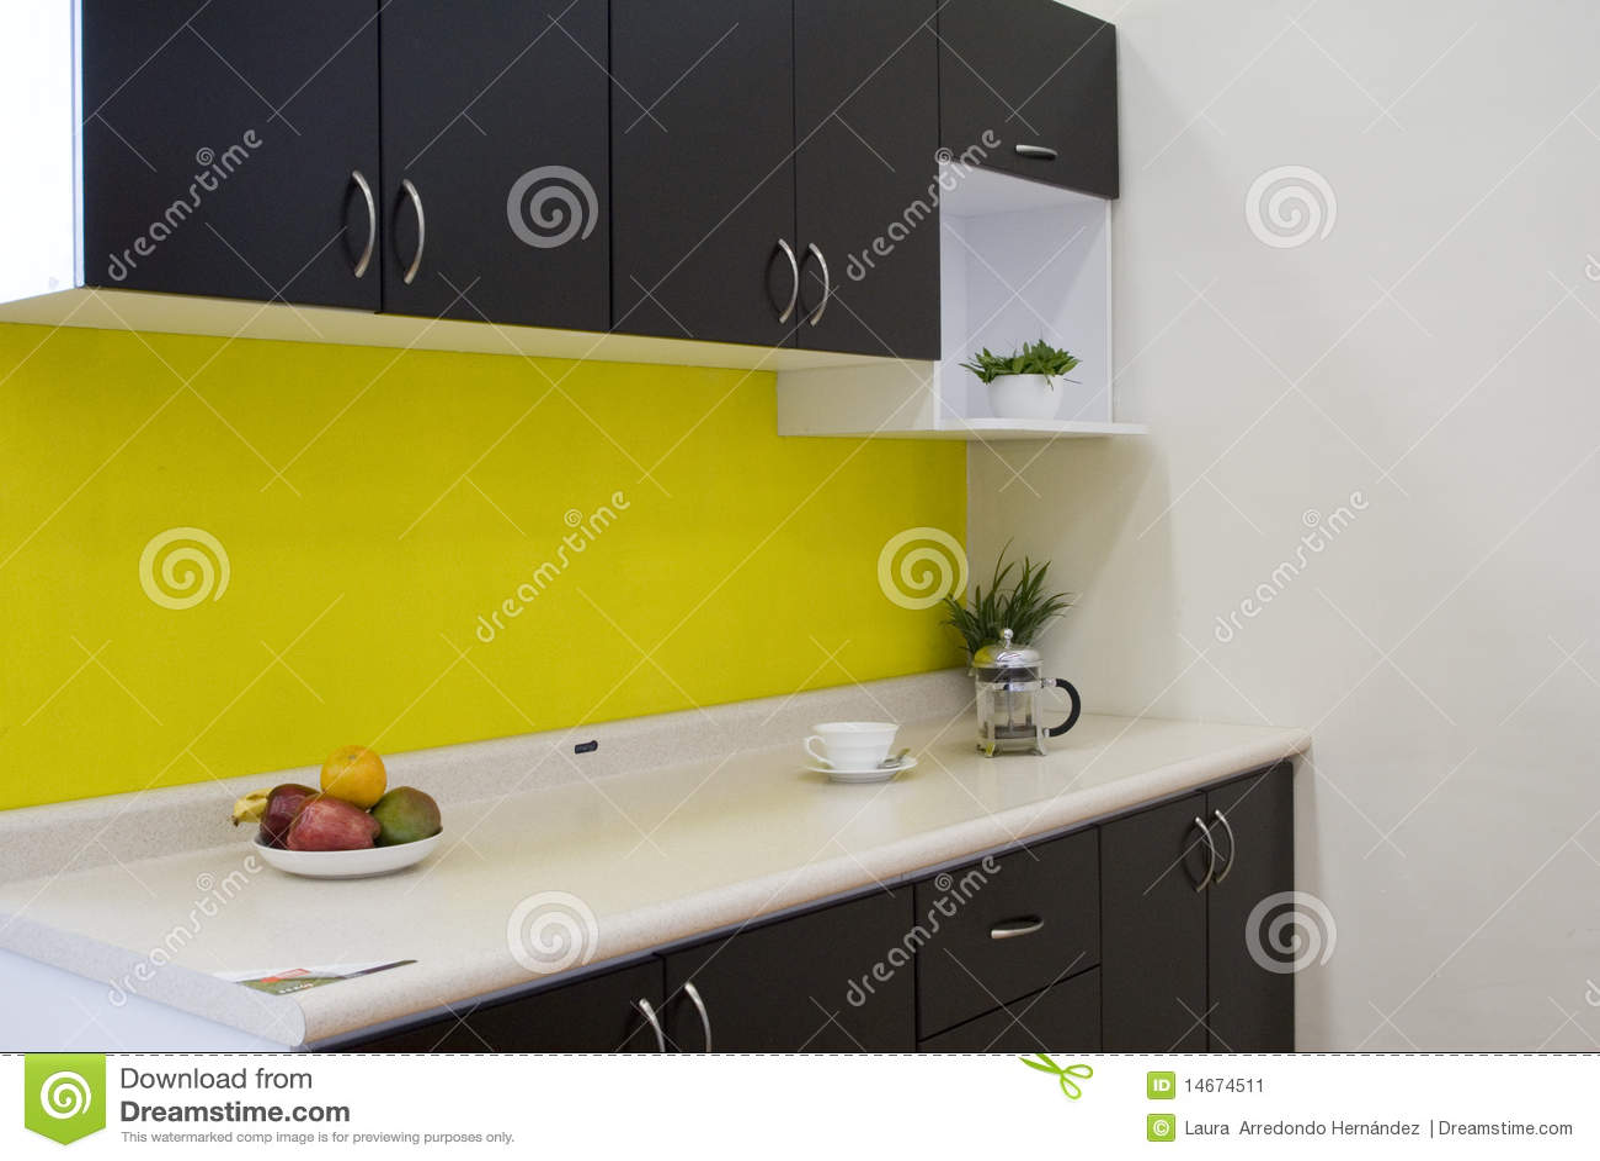 Keuken met een gele muur stock afbeelding   afbeelding: 14674511